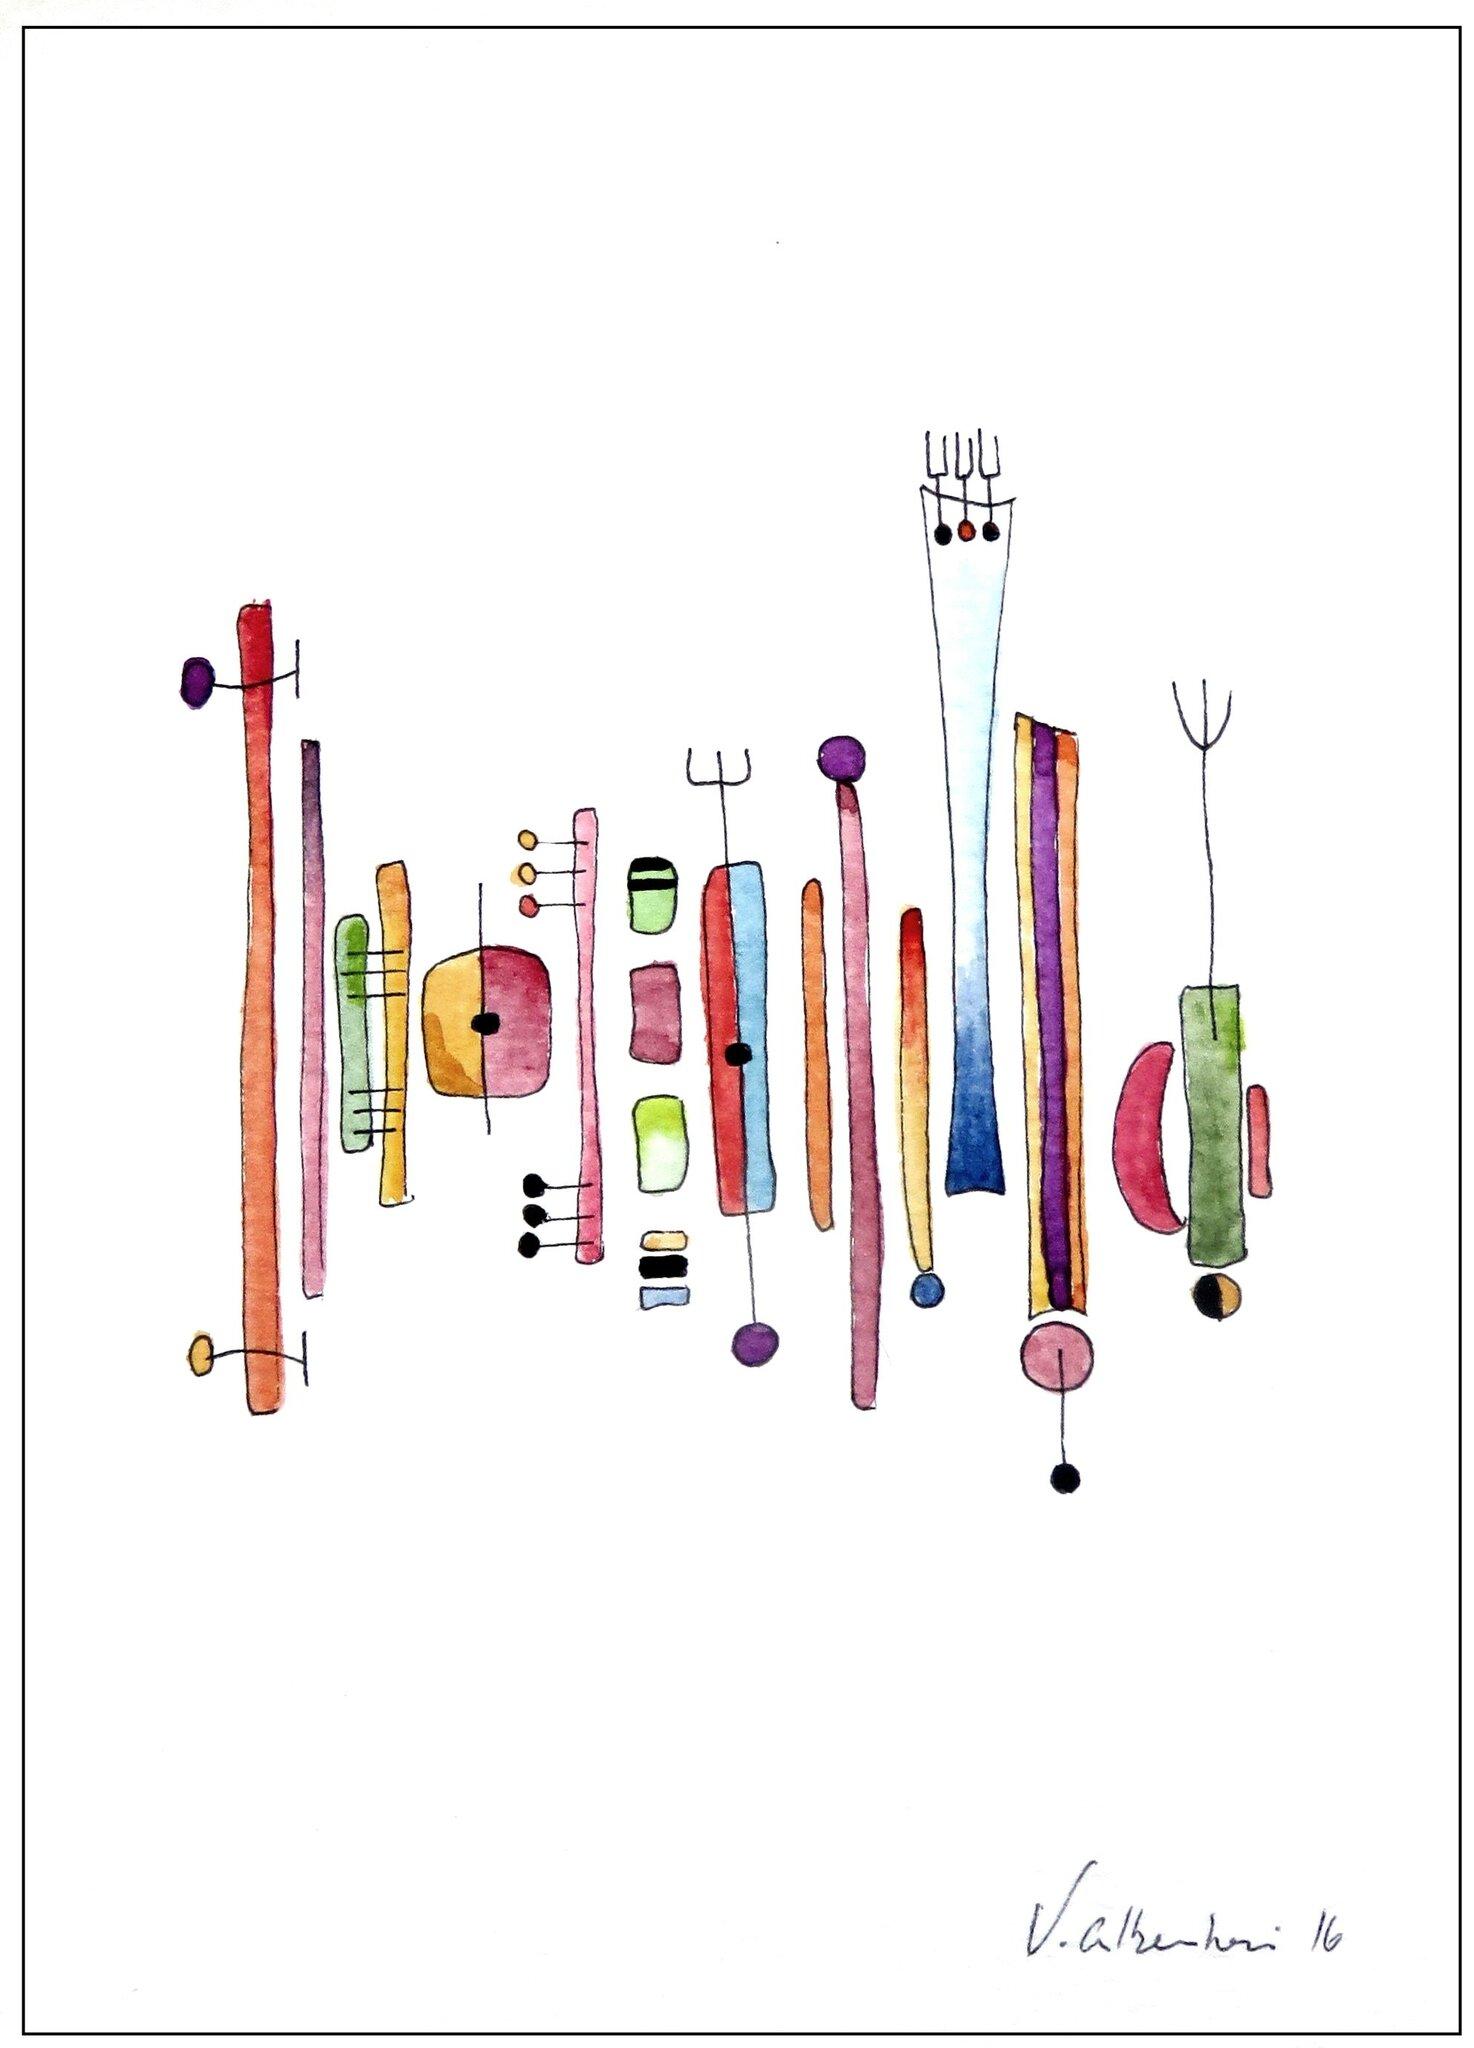 belle aquarelle abstraite couleur valerie albertosi geometrie peiture lignes